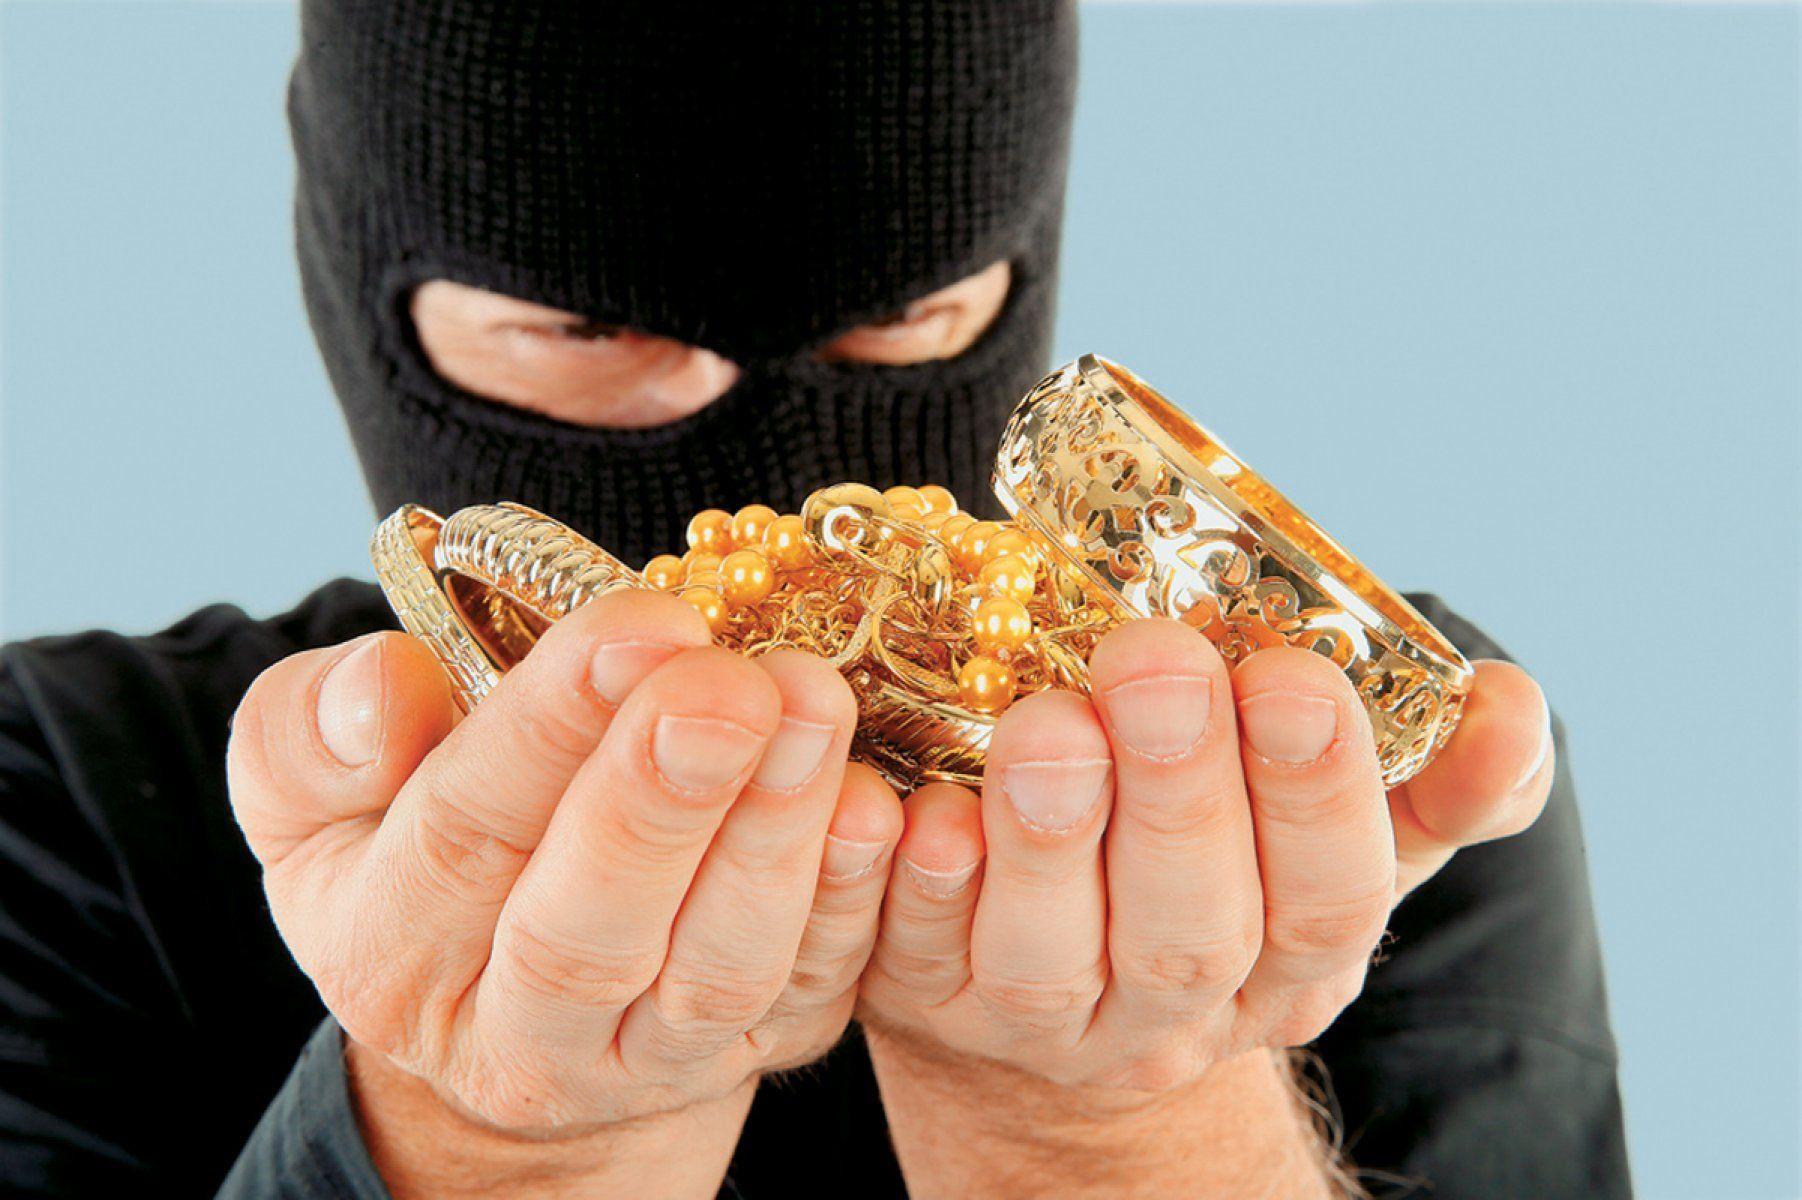 Работник  ювелирного магазина похитил  драгоценности на3 млн руб.